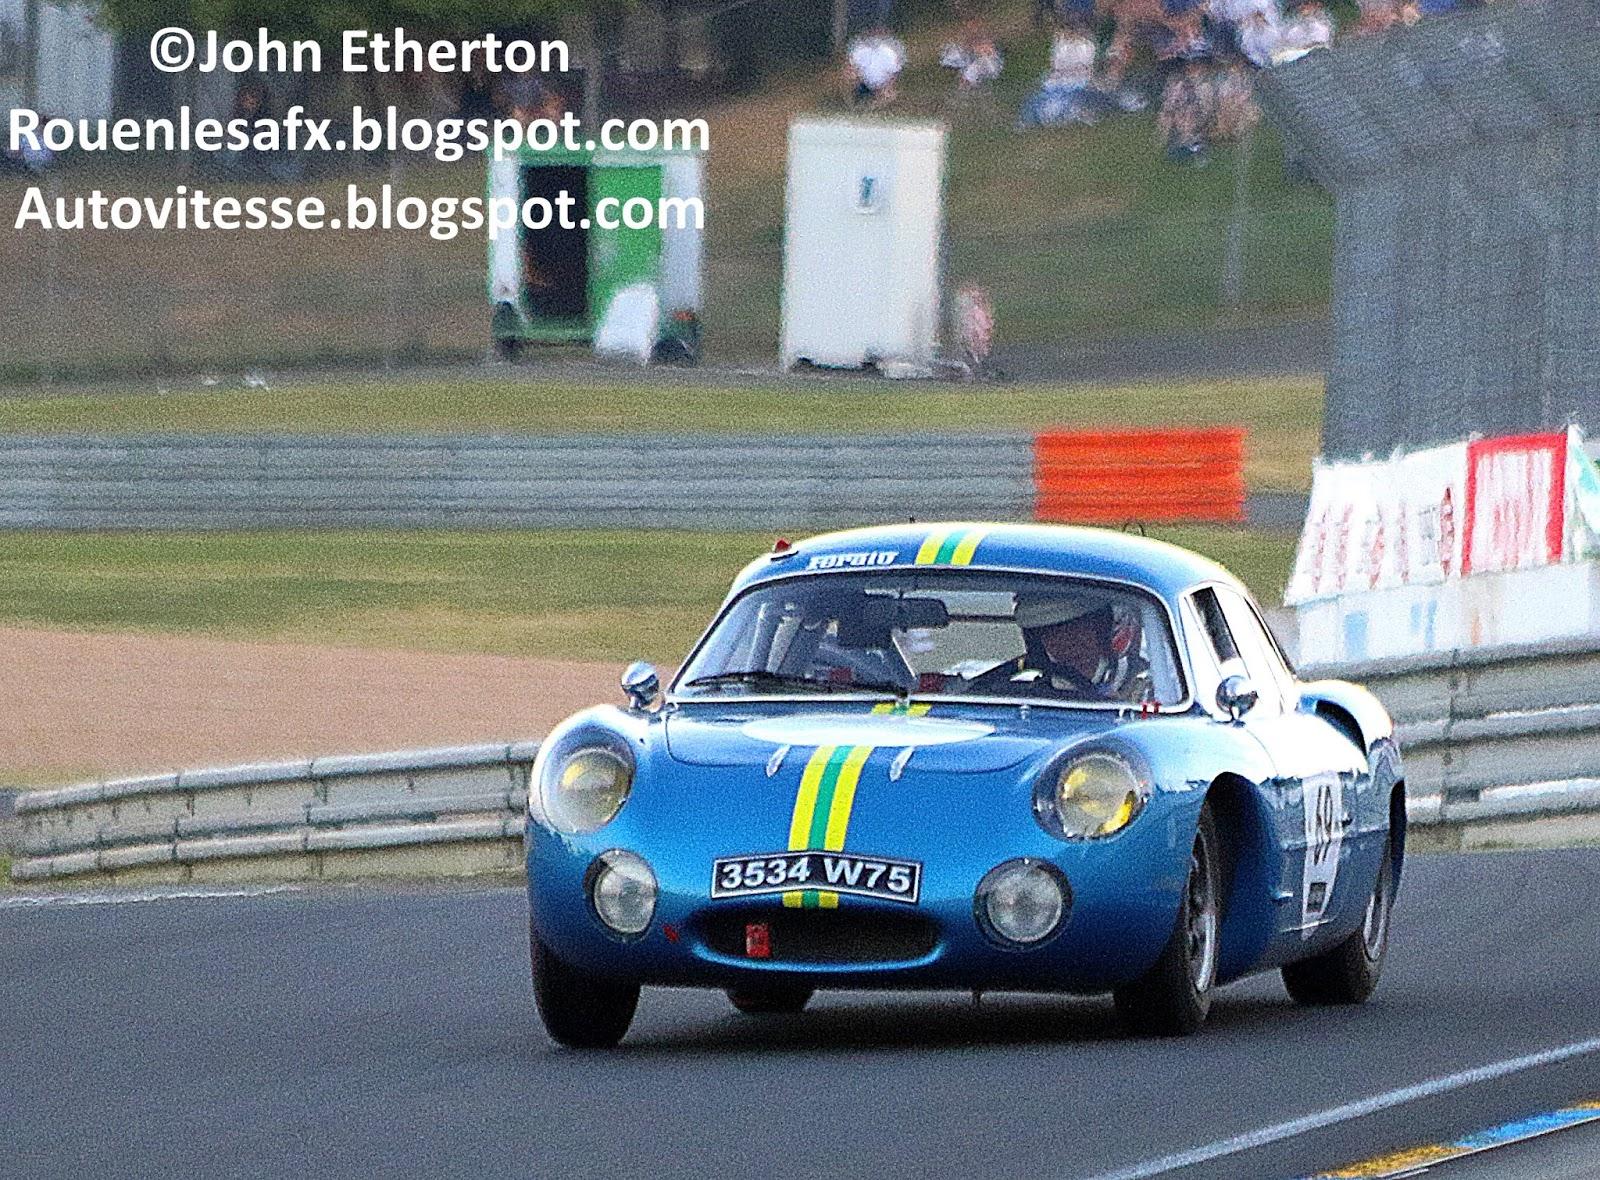 Auto vitesse 1963 alpine m63 - Plateau le mans cuisine ...